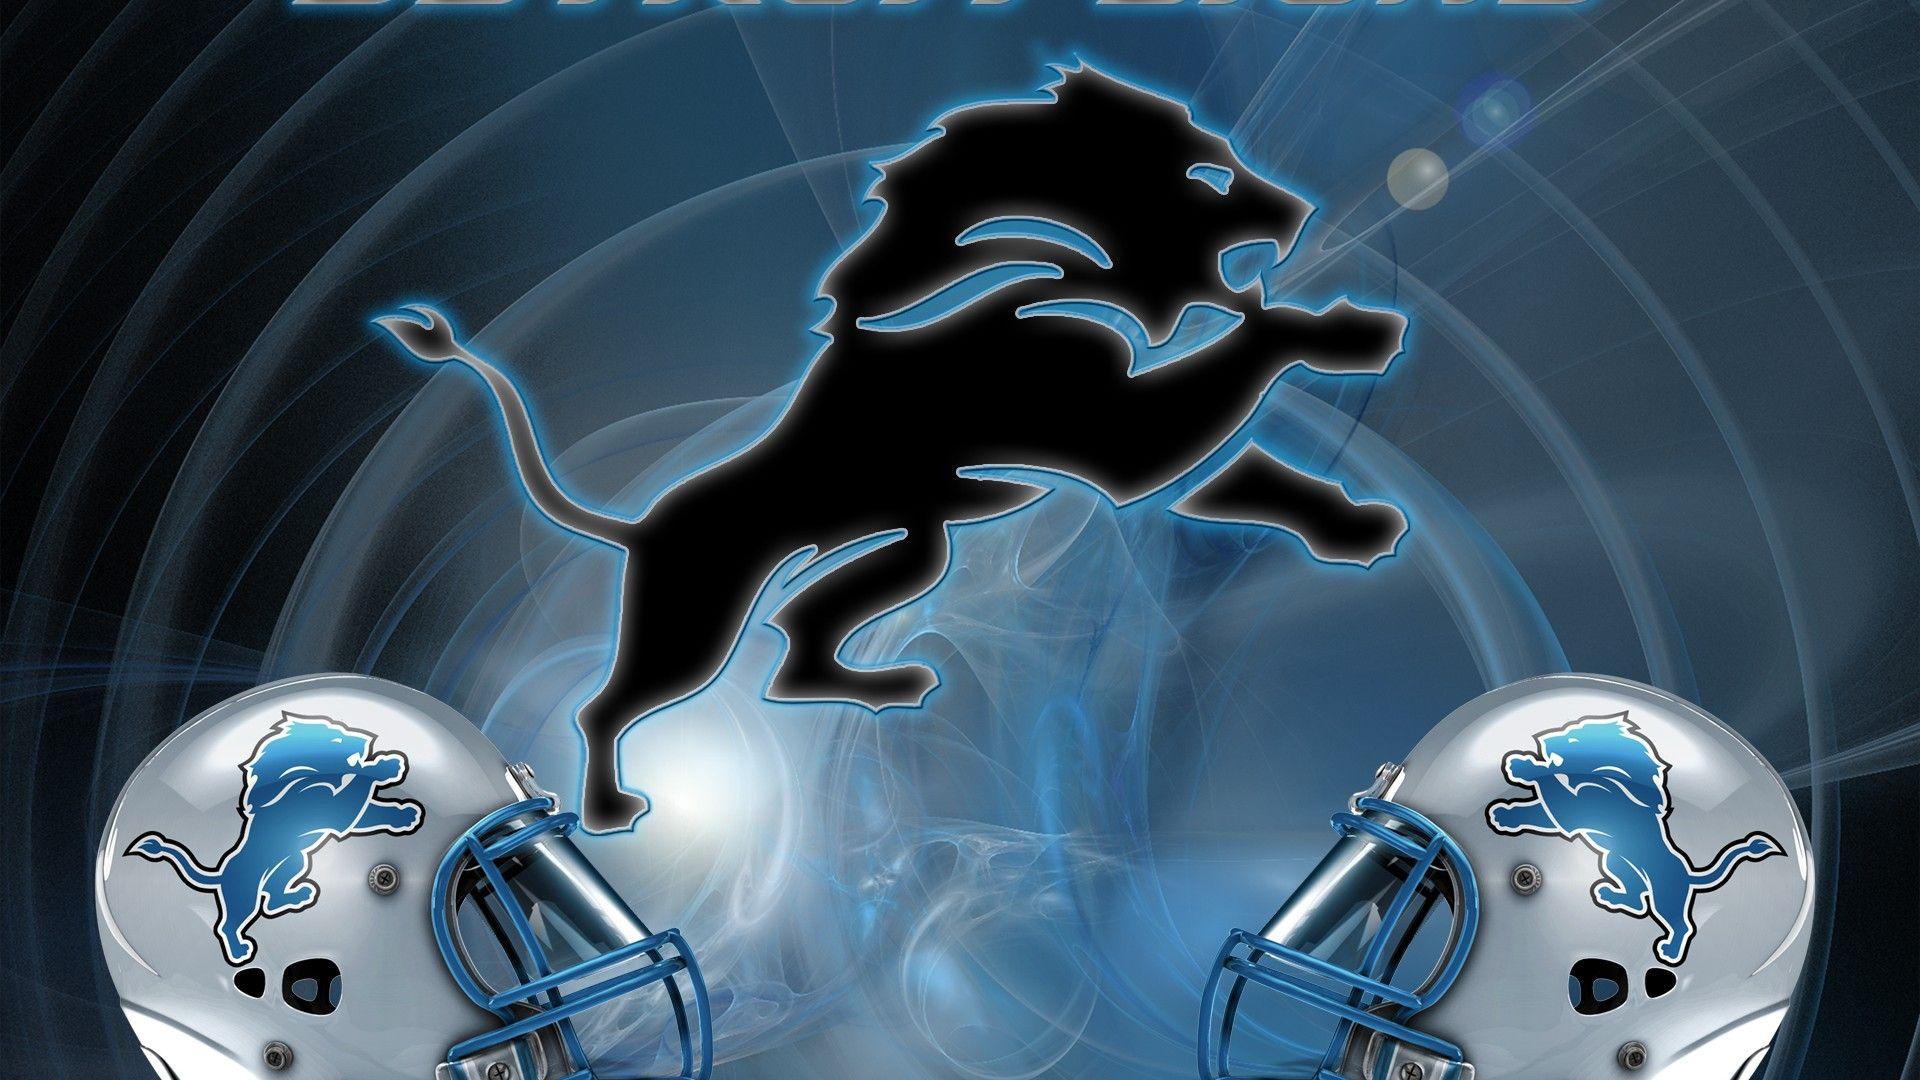 Detroit Lions Mac Backgrounds | Detroit lions wallpaper